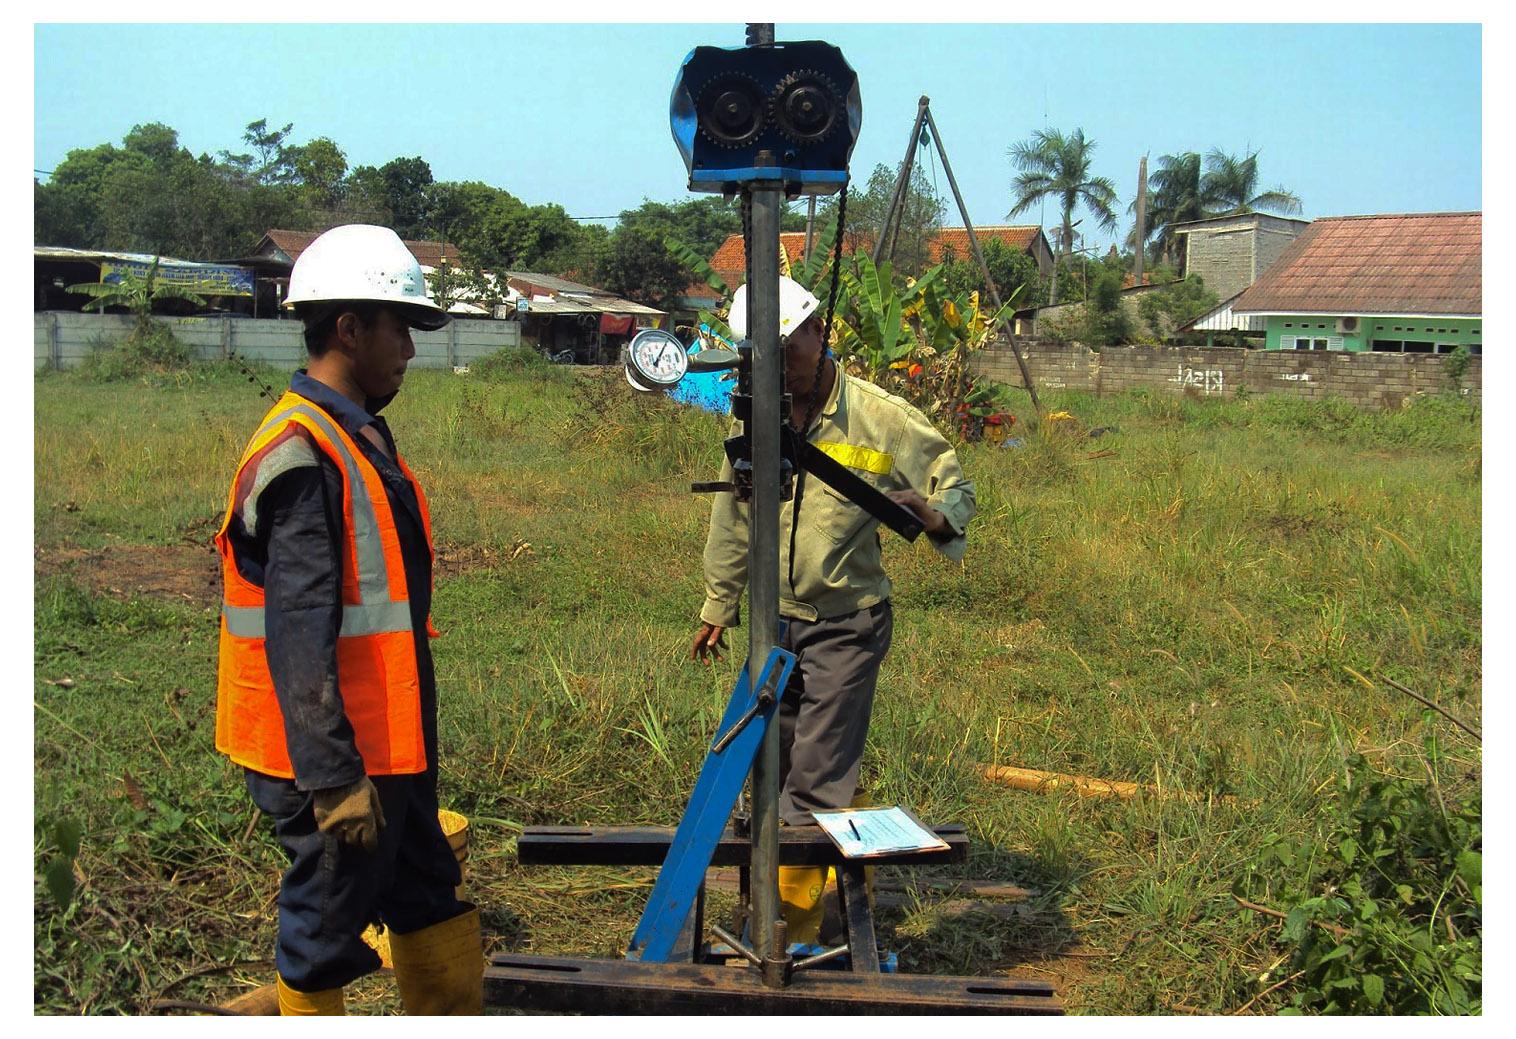 Rekomendasi Jasa Survey Pemetaan dan  Topografi di Banjarmasin 2020